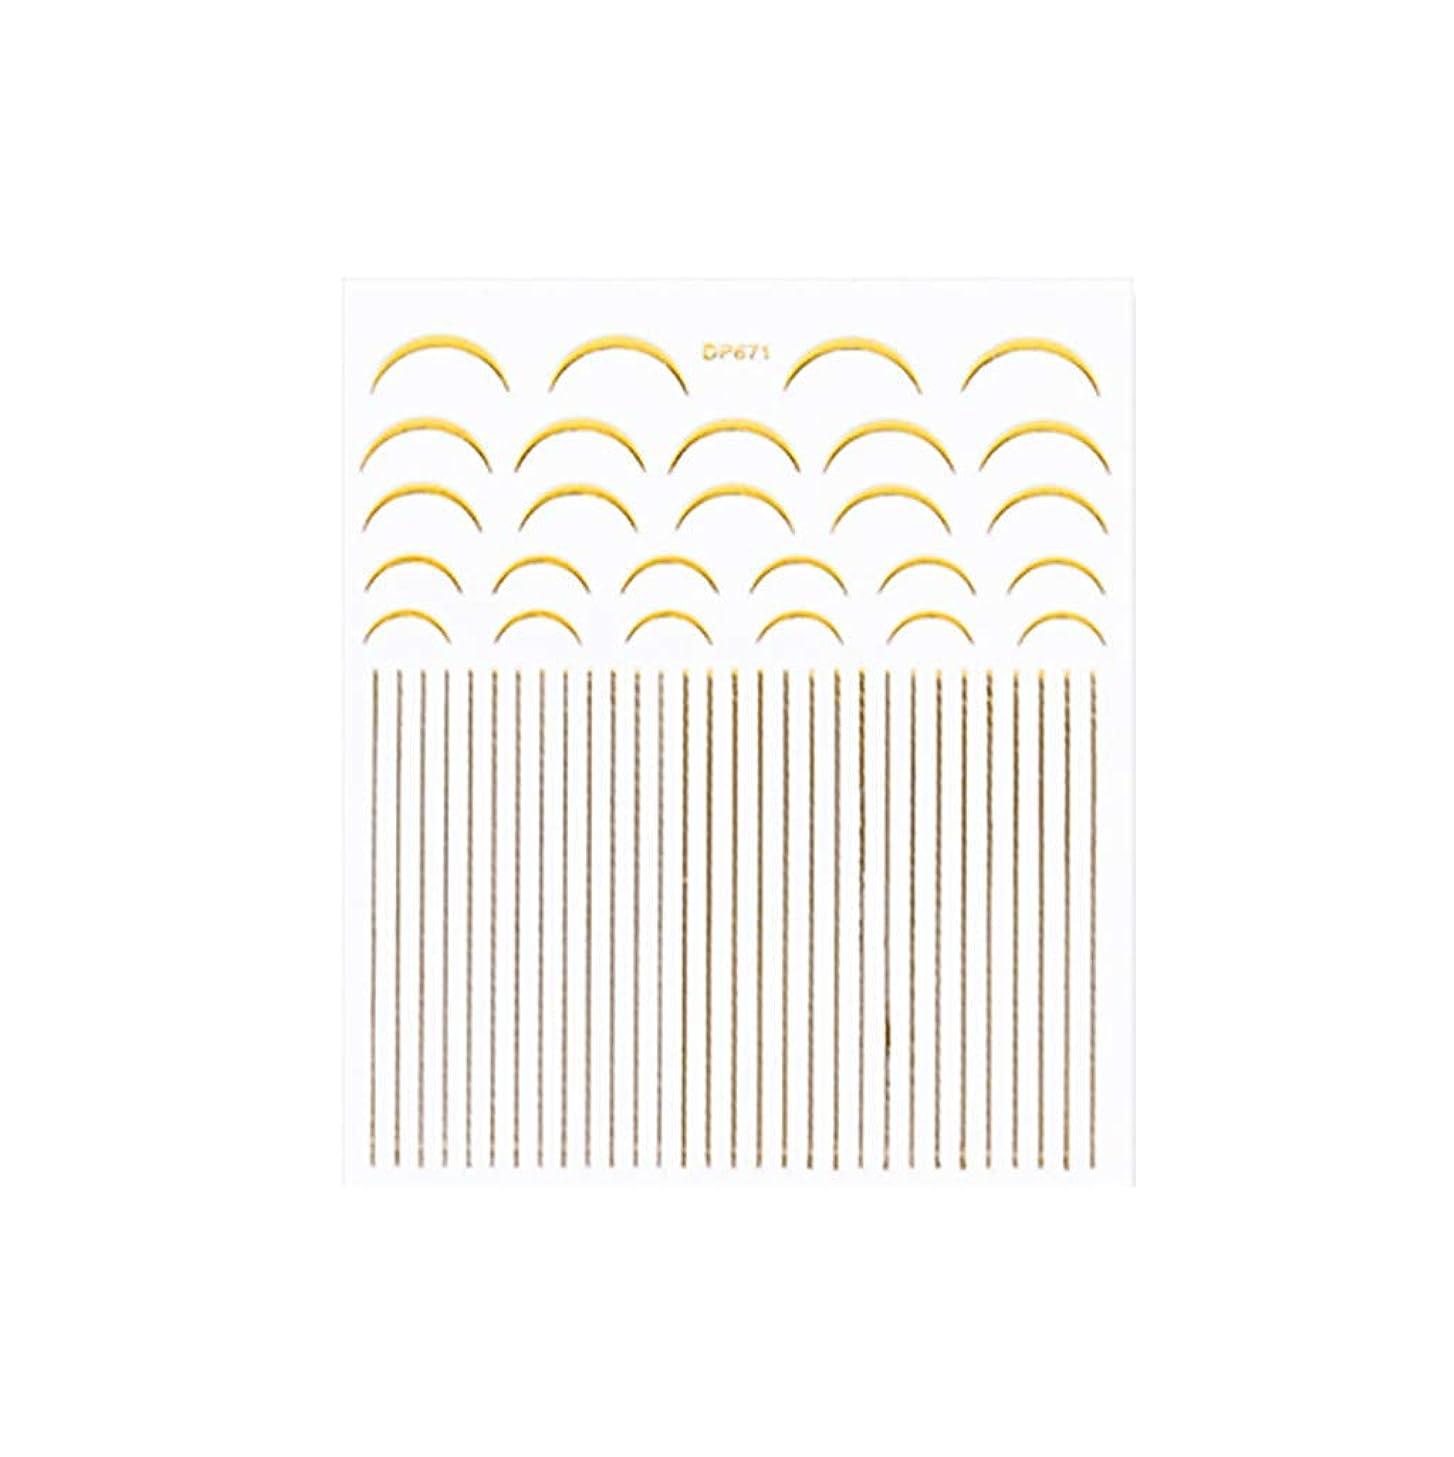 可塑性挽く真実にOSMNICE ネイルステッカー テーマ3Dシール ネイルステッカー ネイルシール ネイルアート ネイルデコレーション 花柄 スマイリーフェイス レディースプレゼント ギフト ランダム柄 (671)